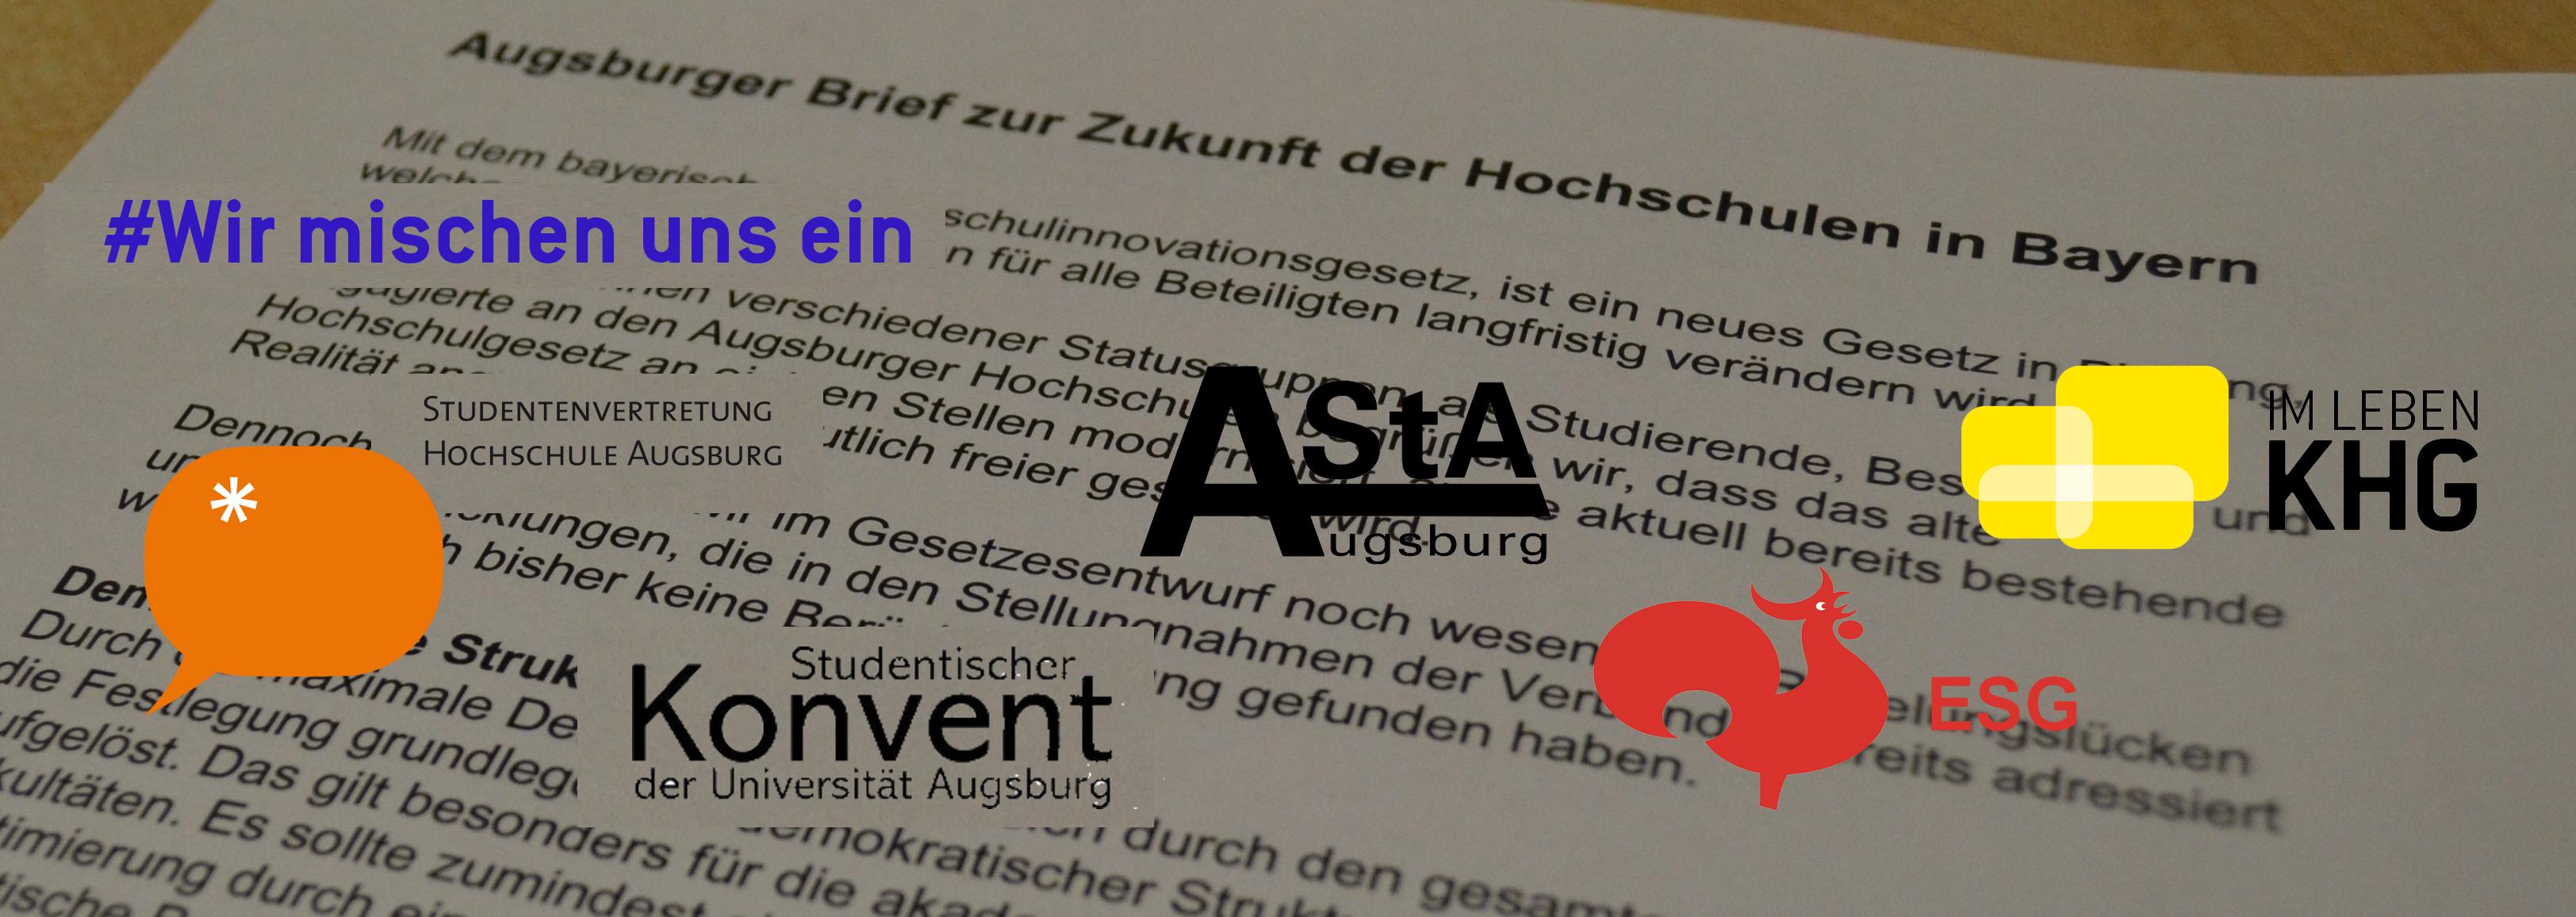 Augsburger Brief zur Zukunft der Hochschulen in Bayern